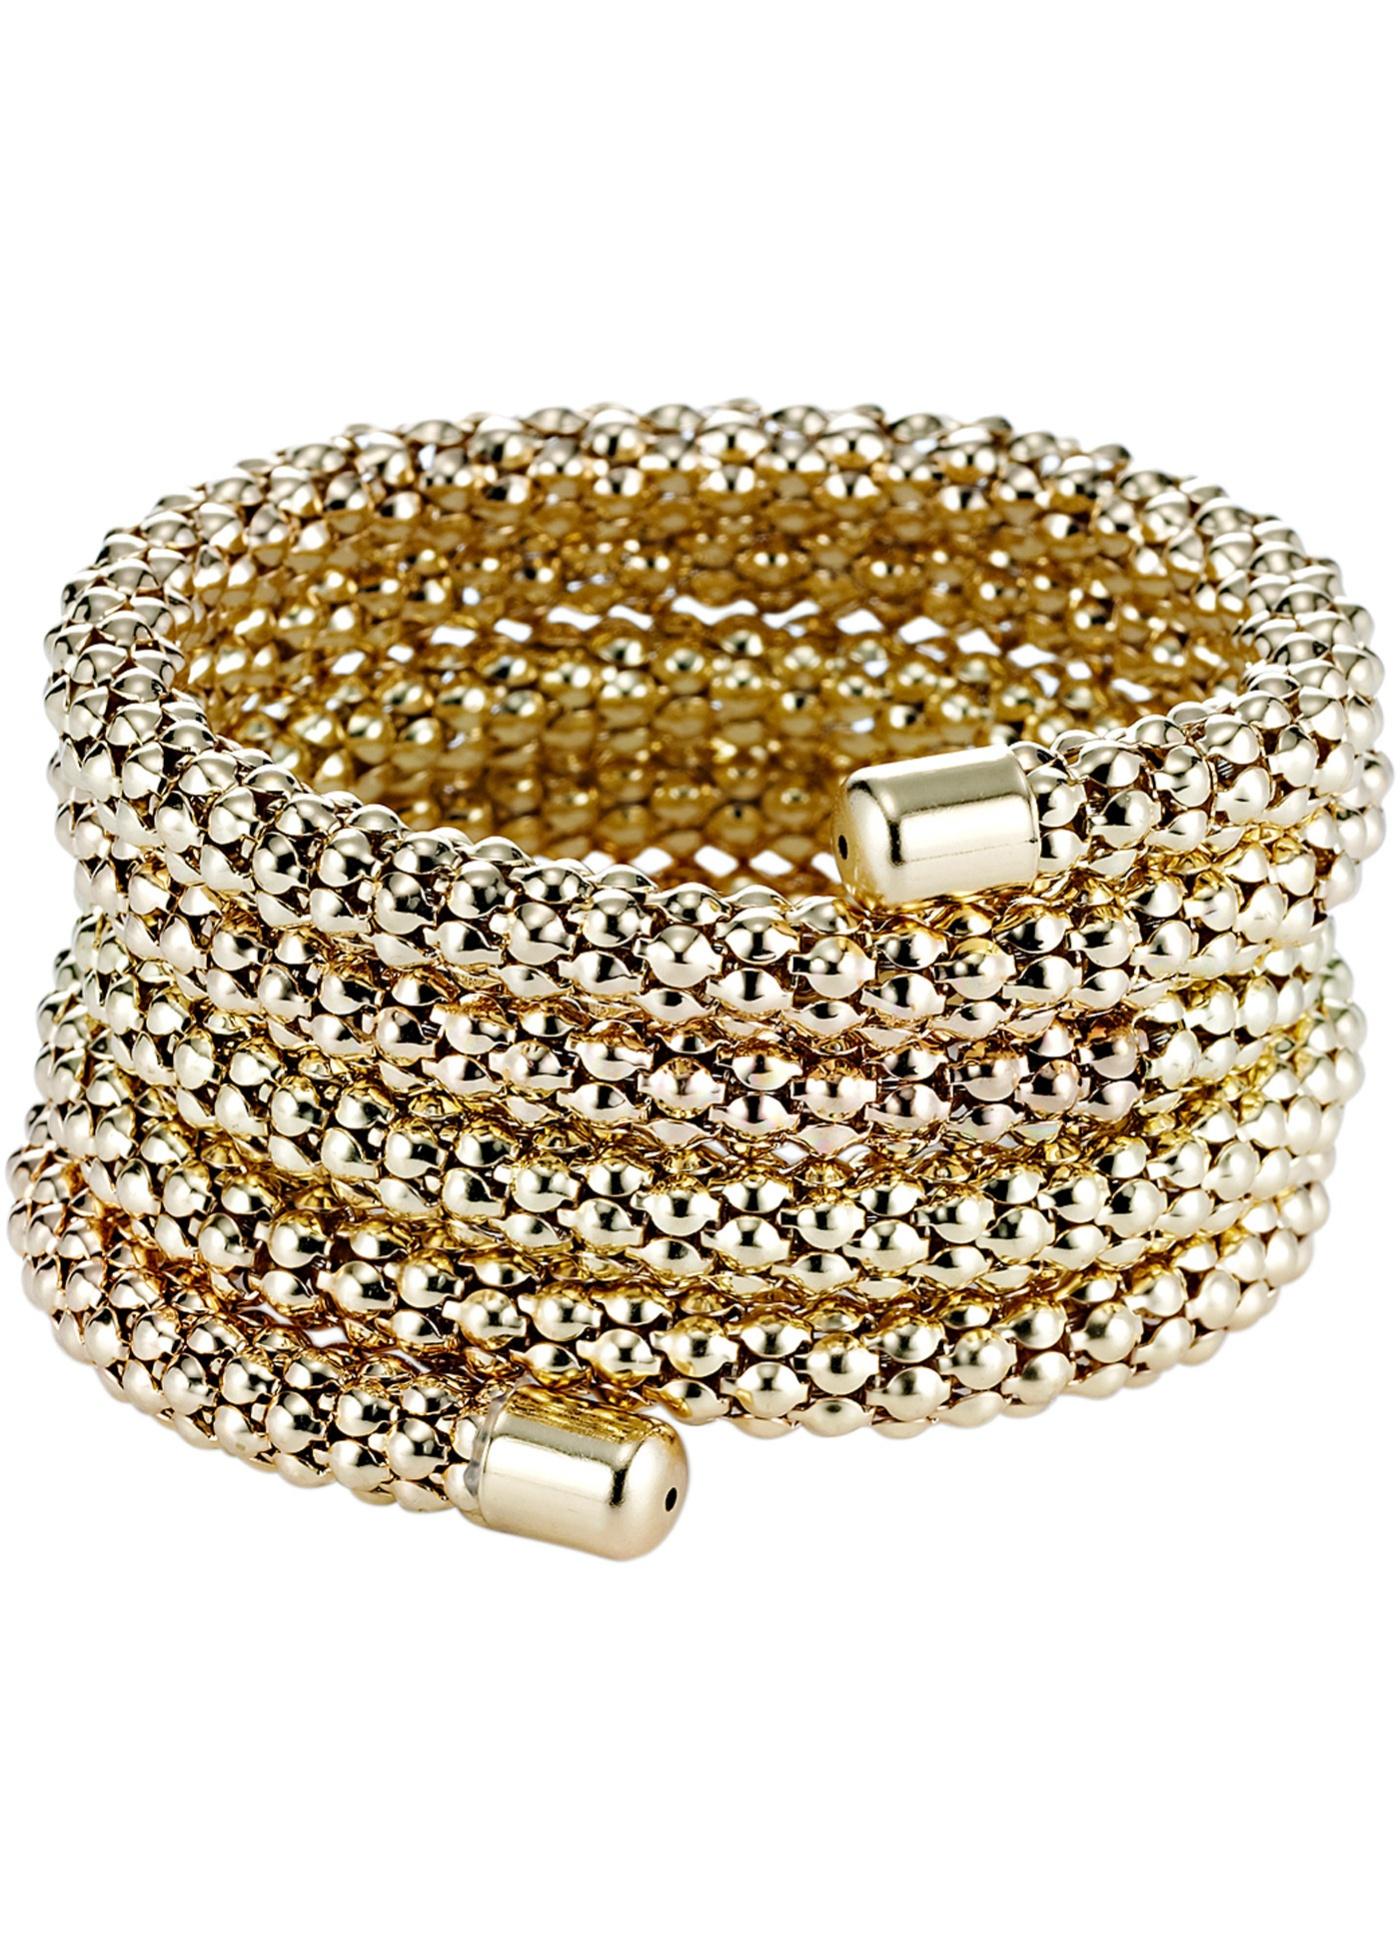 Ce bracelet raffiné fera son petit effet autour de tous les poignets ! Dim. env. 114 cm.